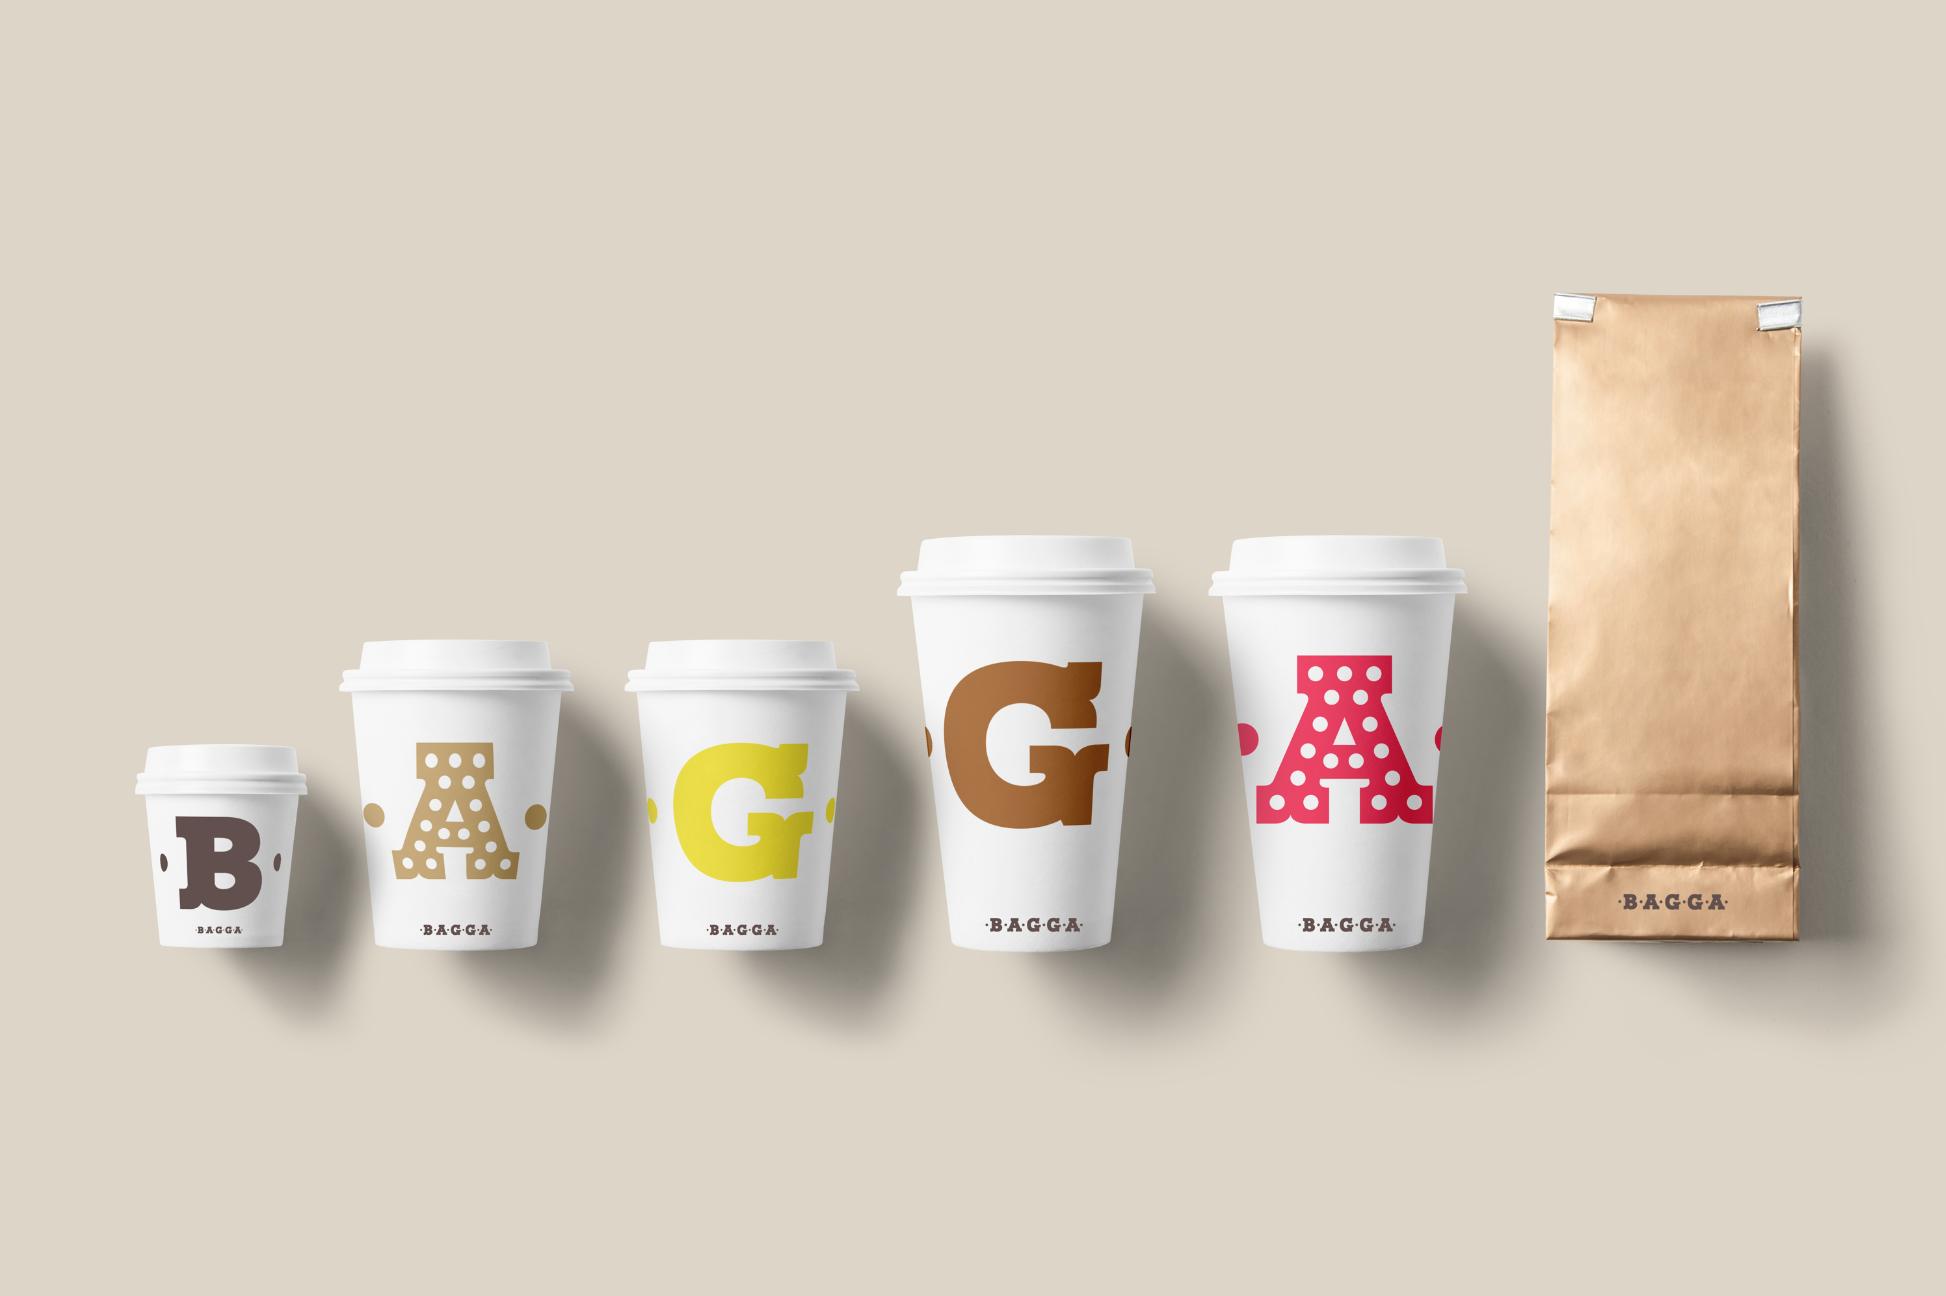 Bagga Caffe logo packaging